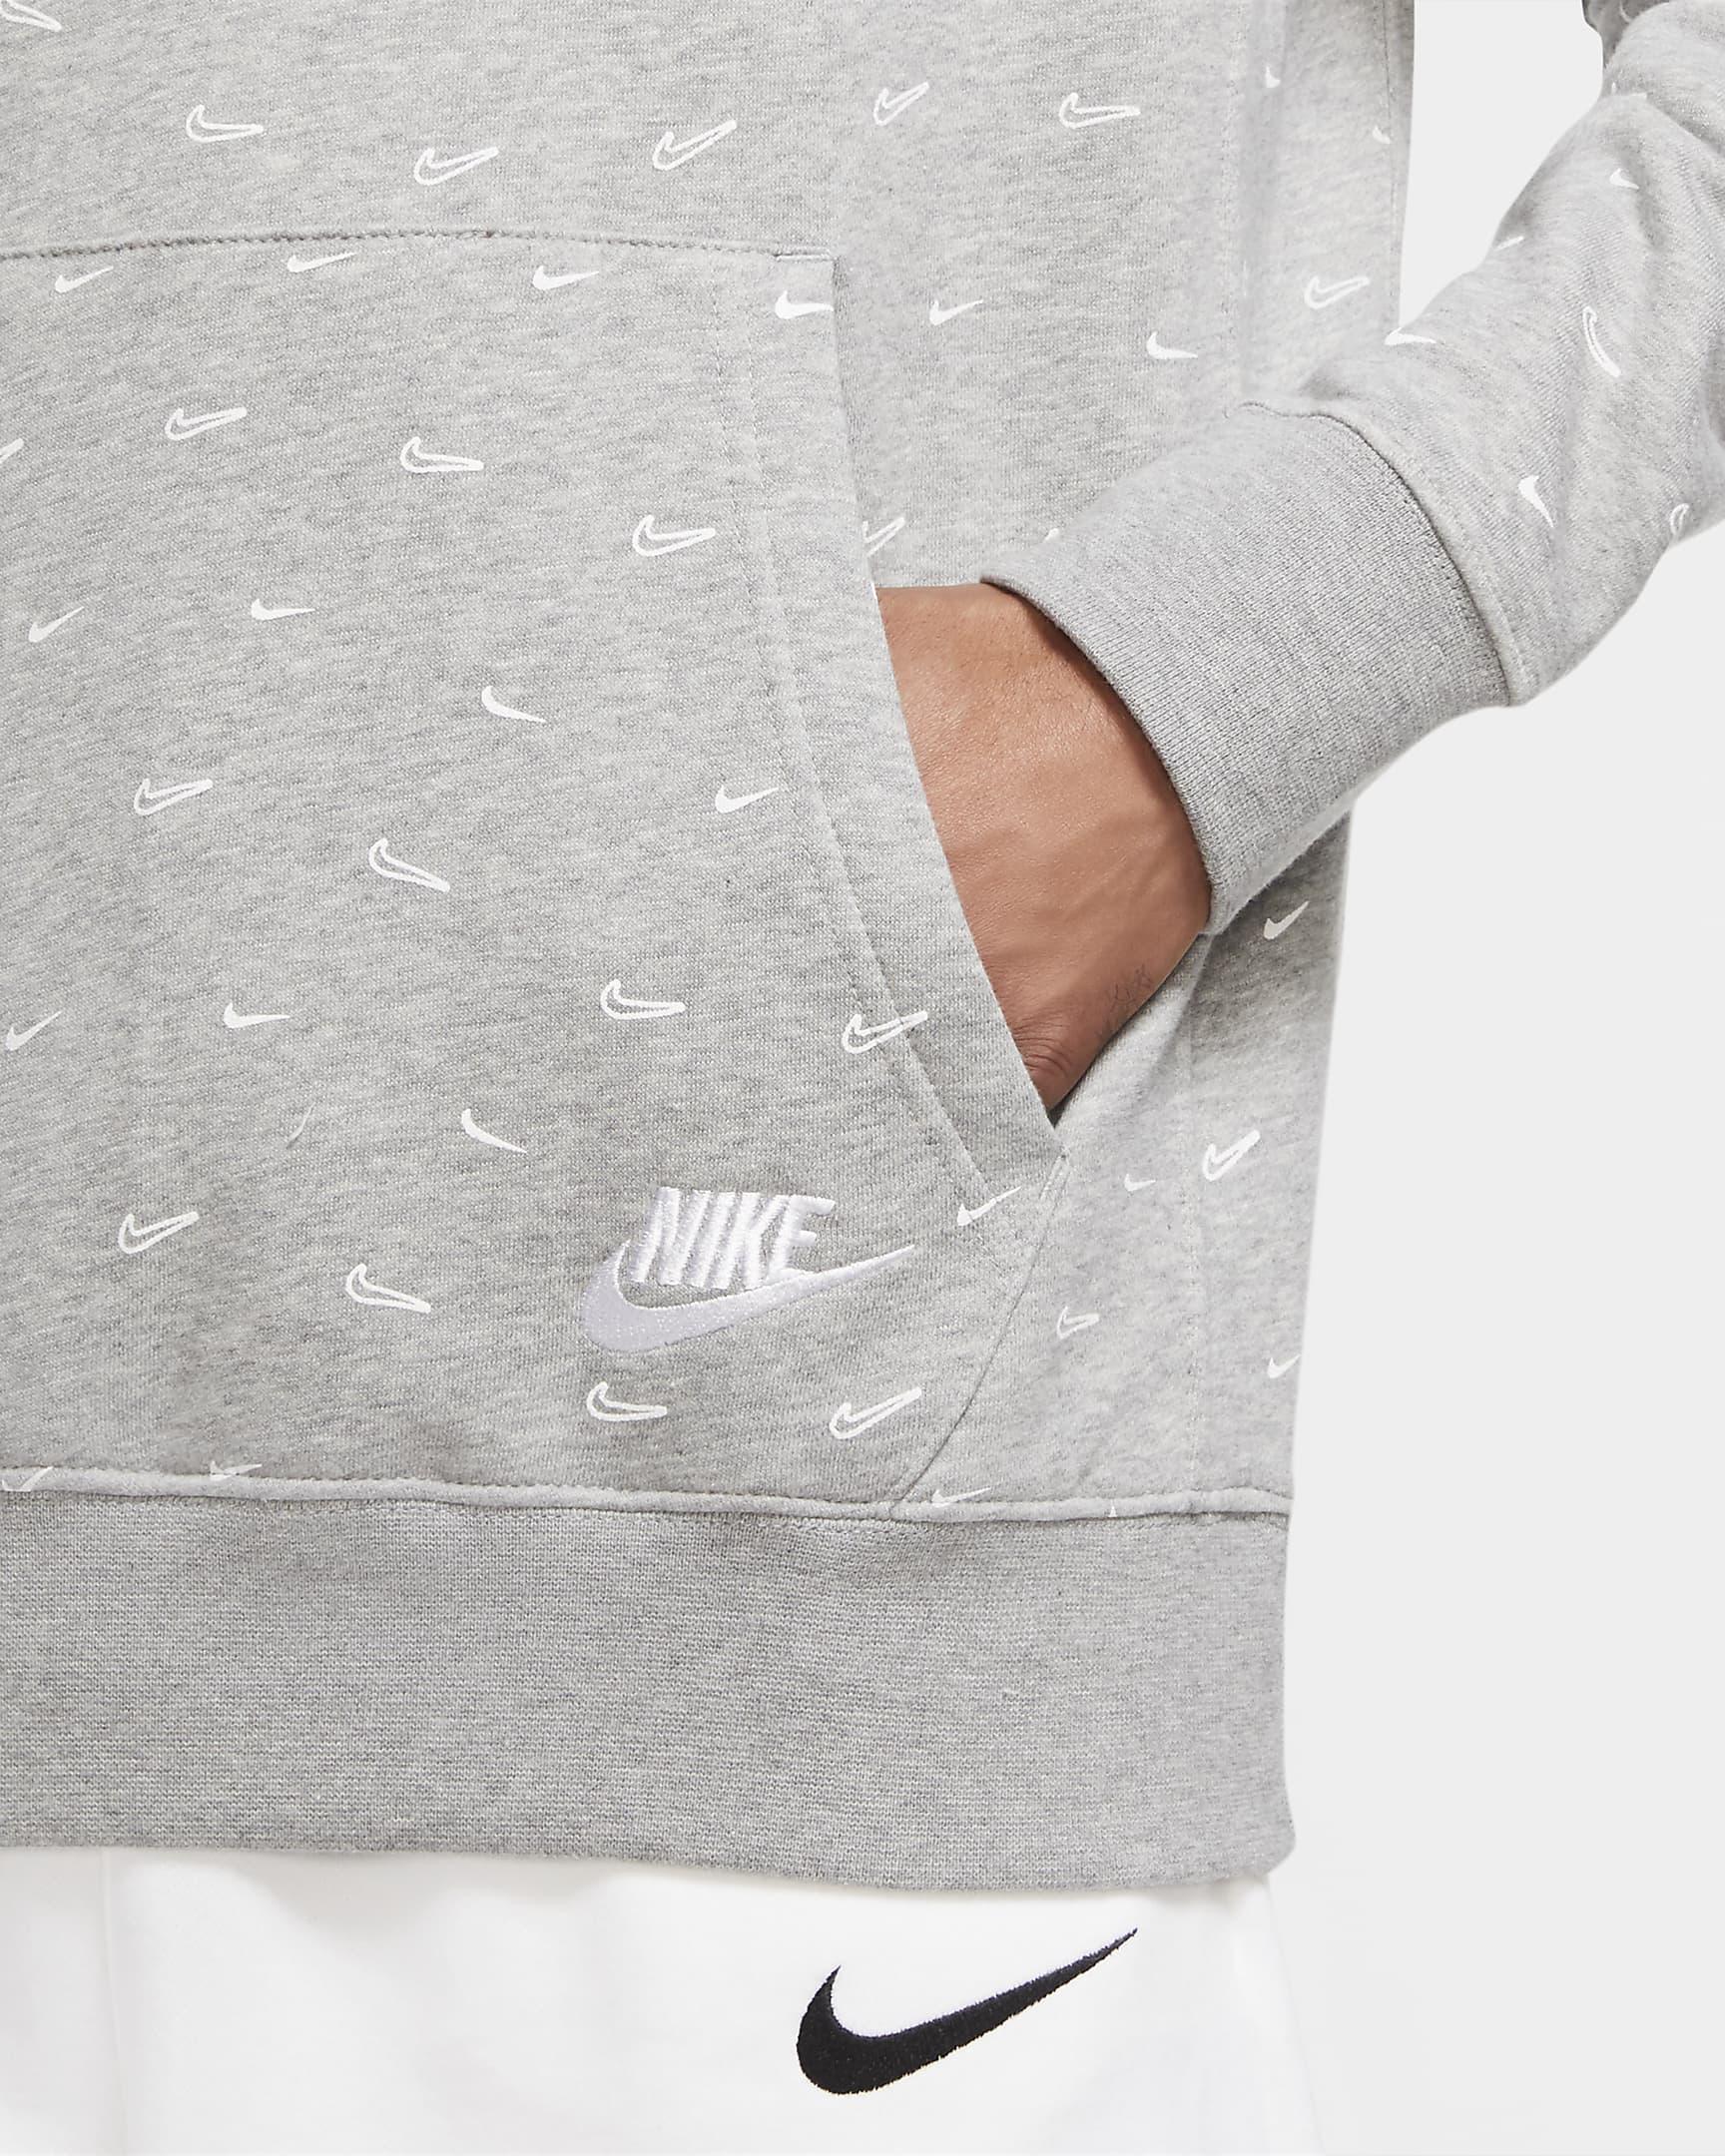 sportswear-club-fleece-mens-printed-pullover-hoodie-m7N3zD-4